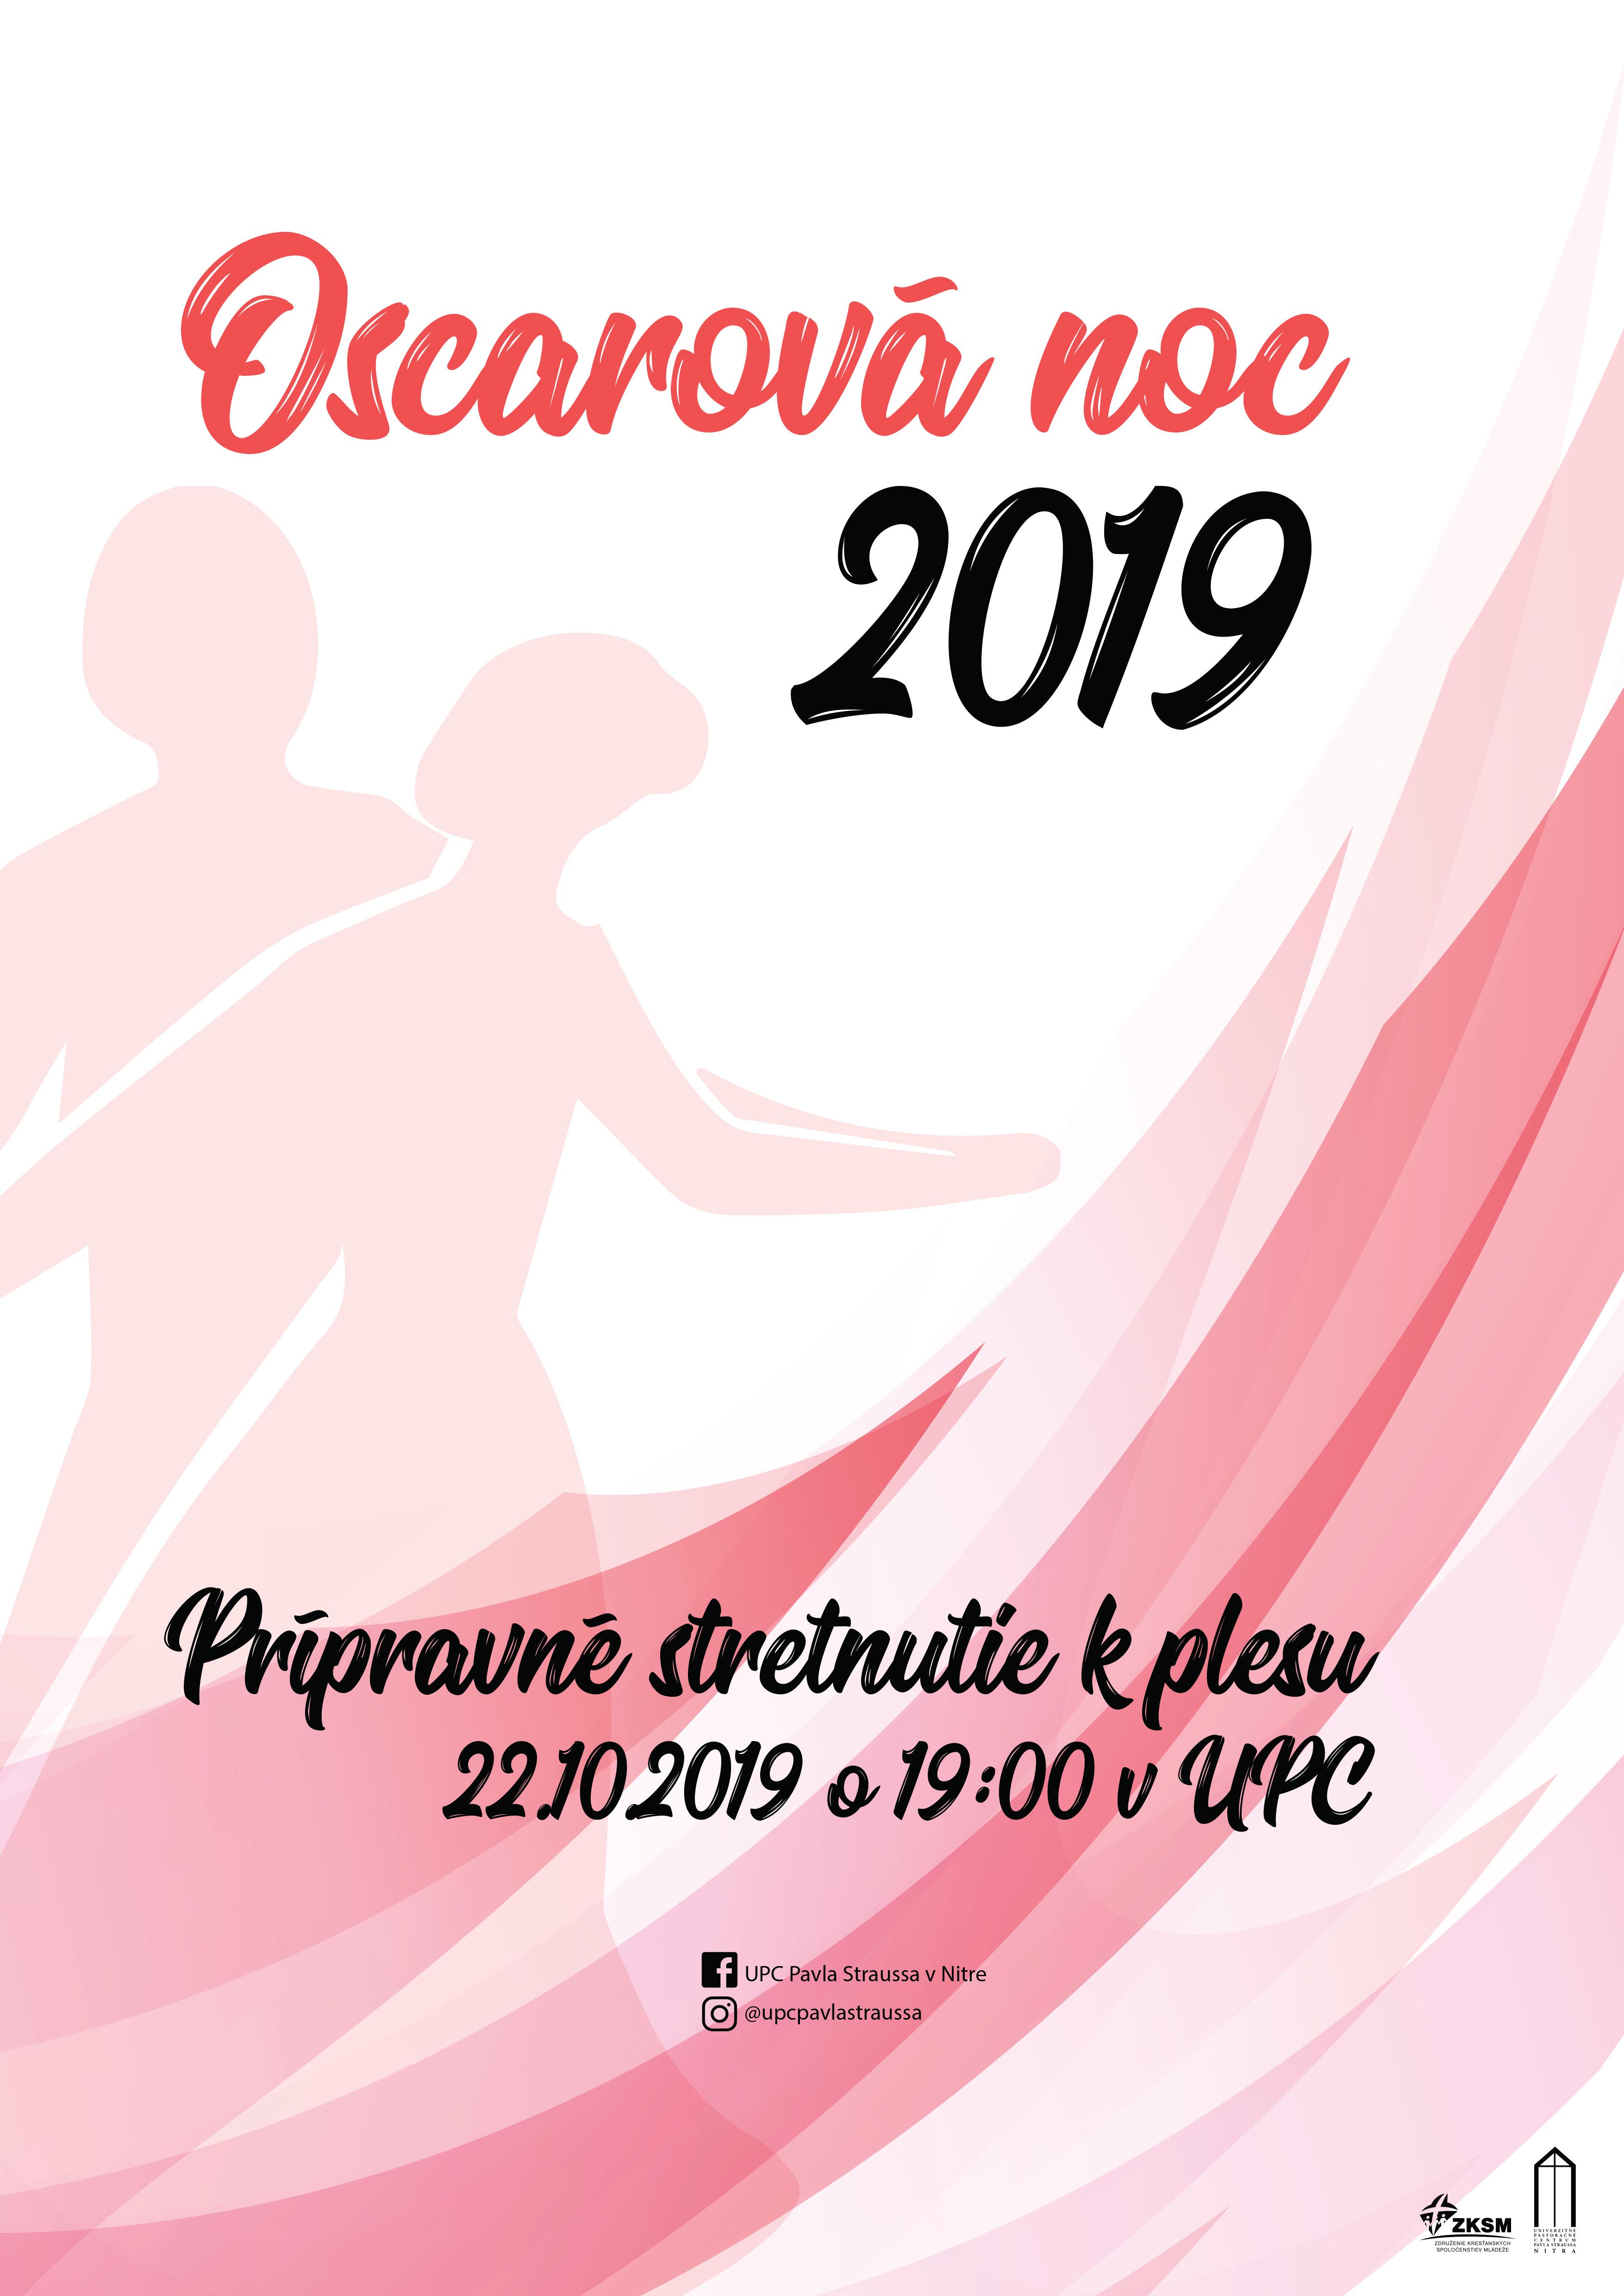 Prípravné stretko na ples 2019